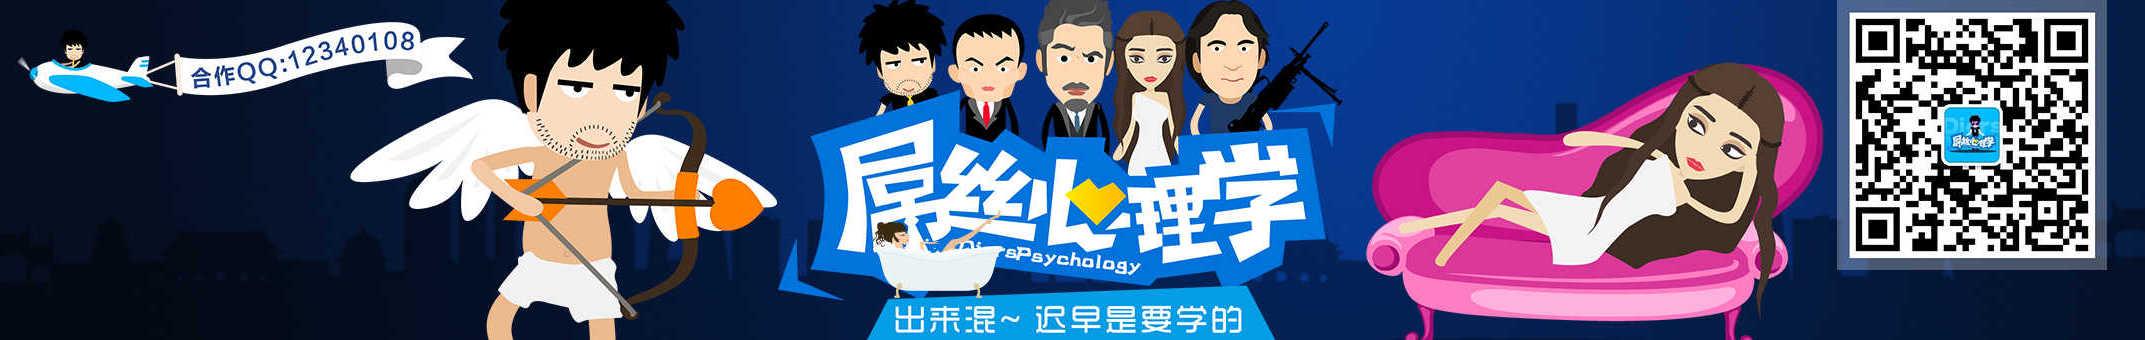 全民心理学 banner